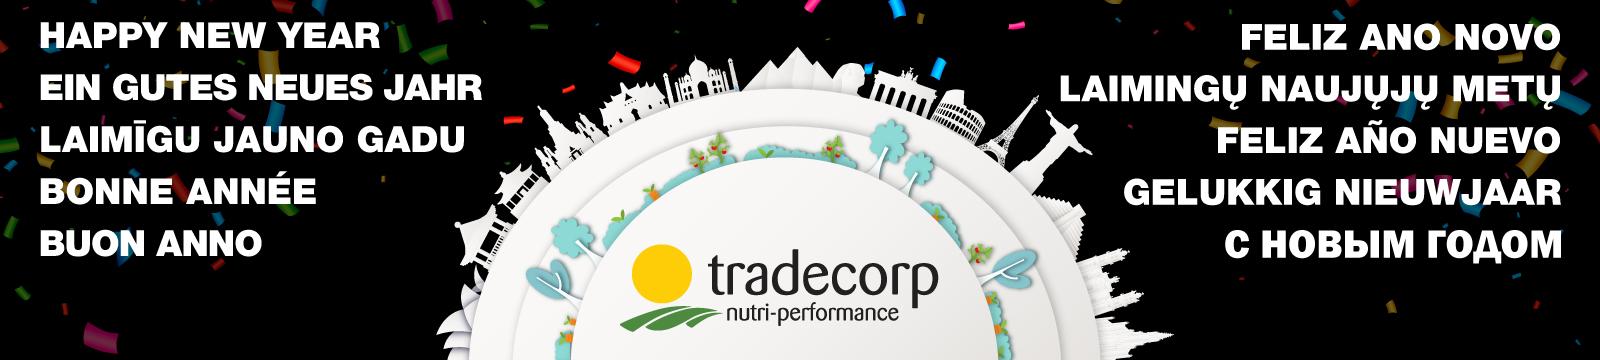 Gelukkig Nieuwjaar 2019 van Tradecorp!